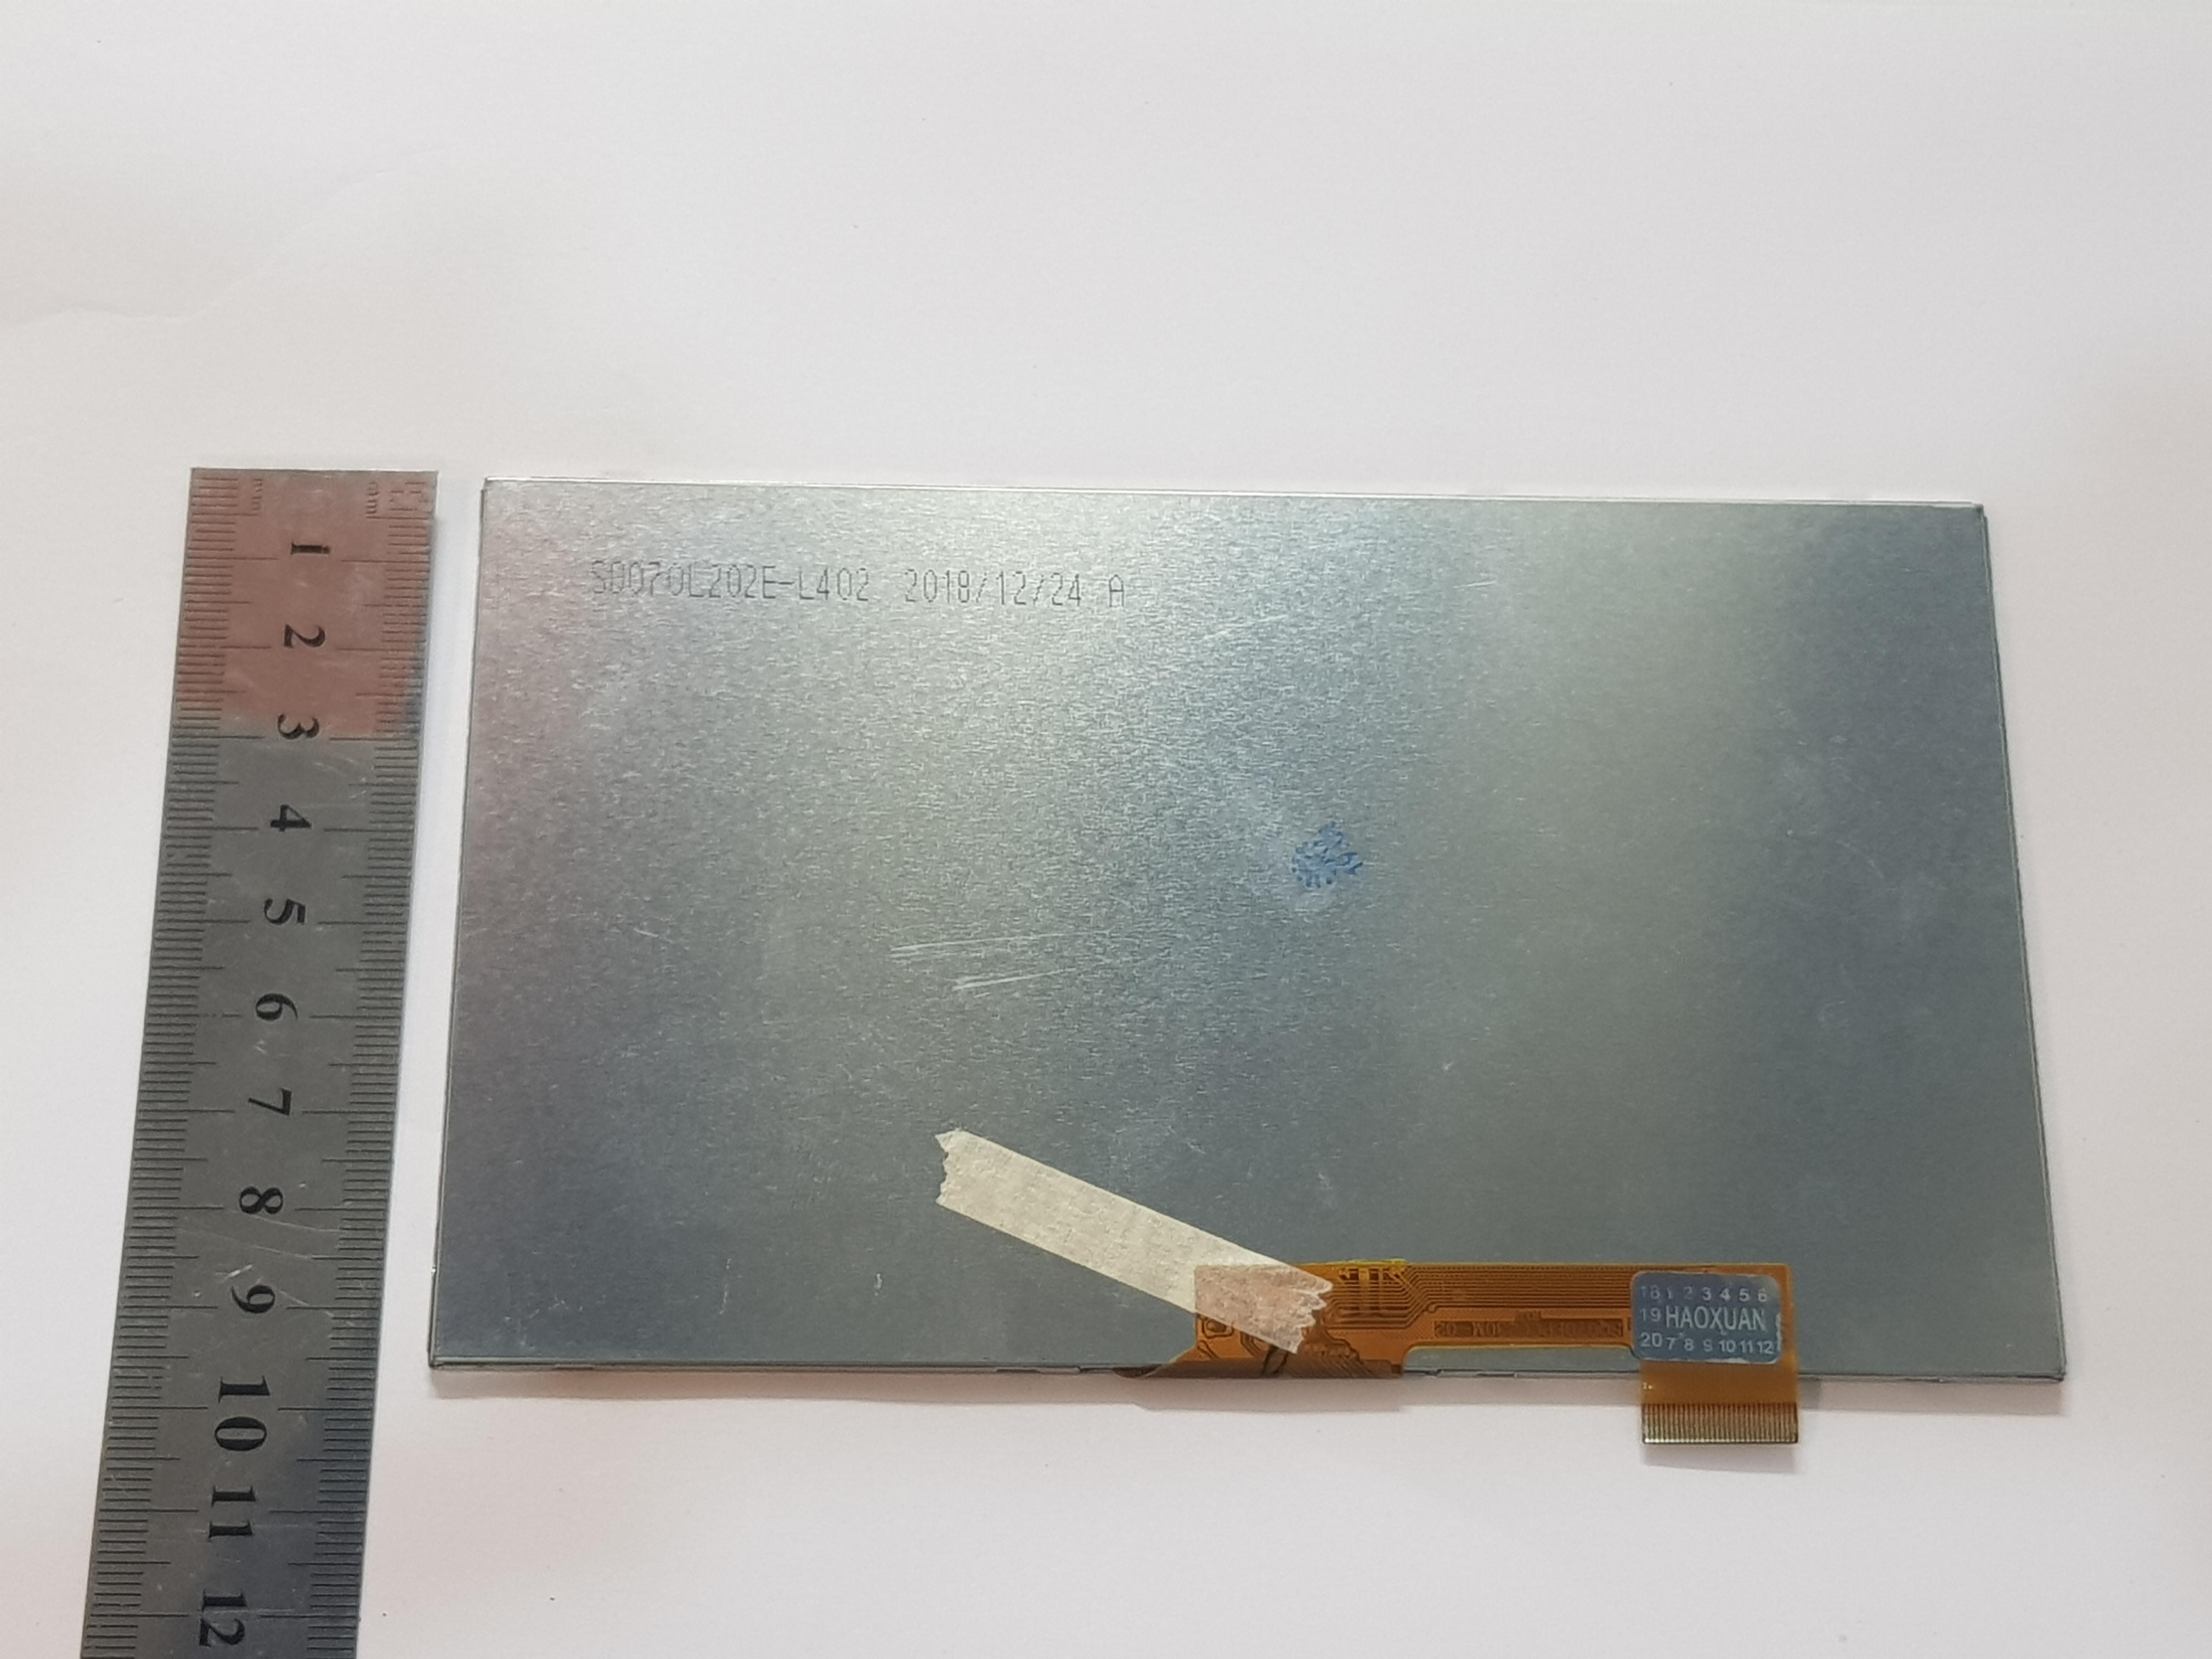 ال سی دی تبلت چینی 30 پایه  - LCD CHINA 30 Pin TABLET